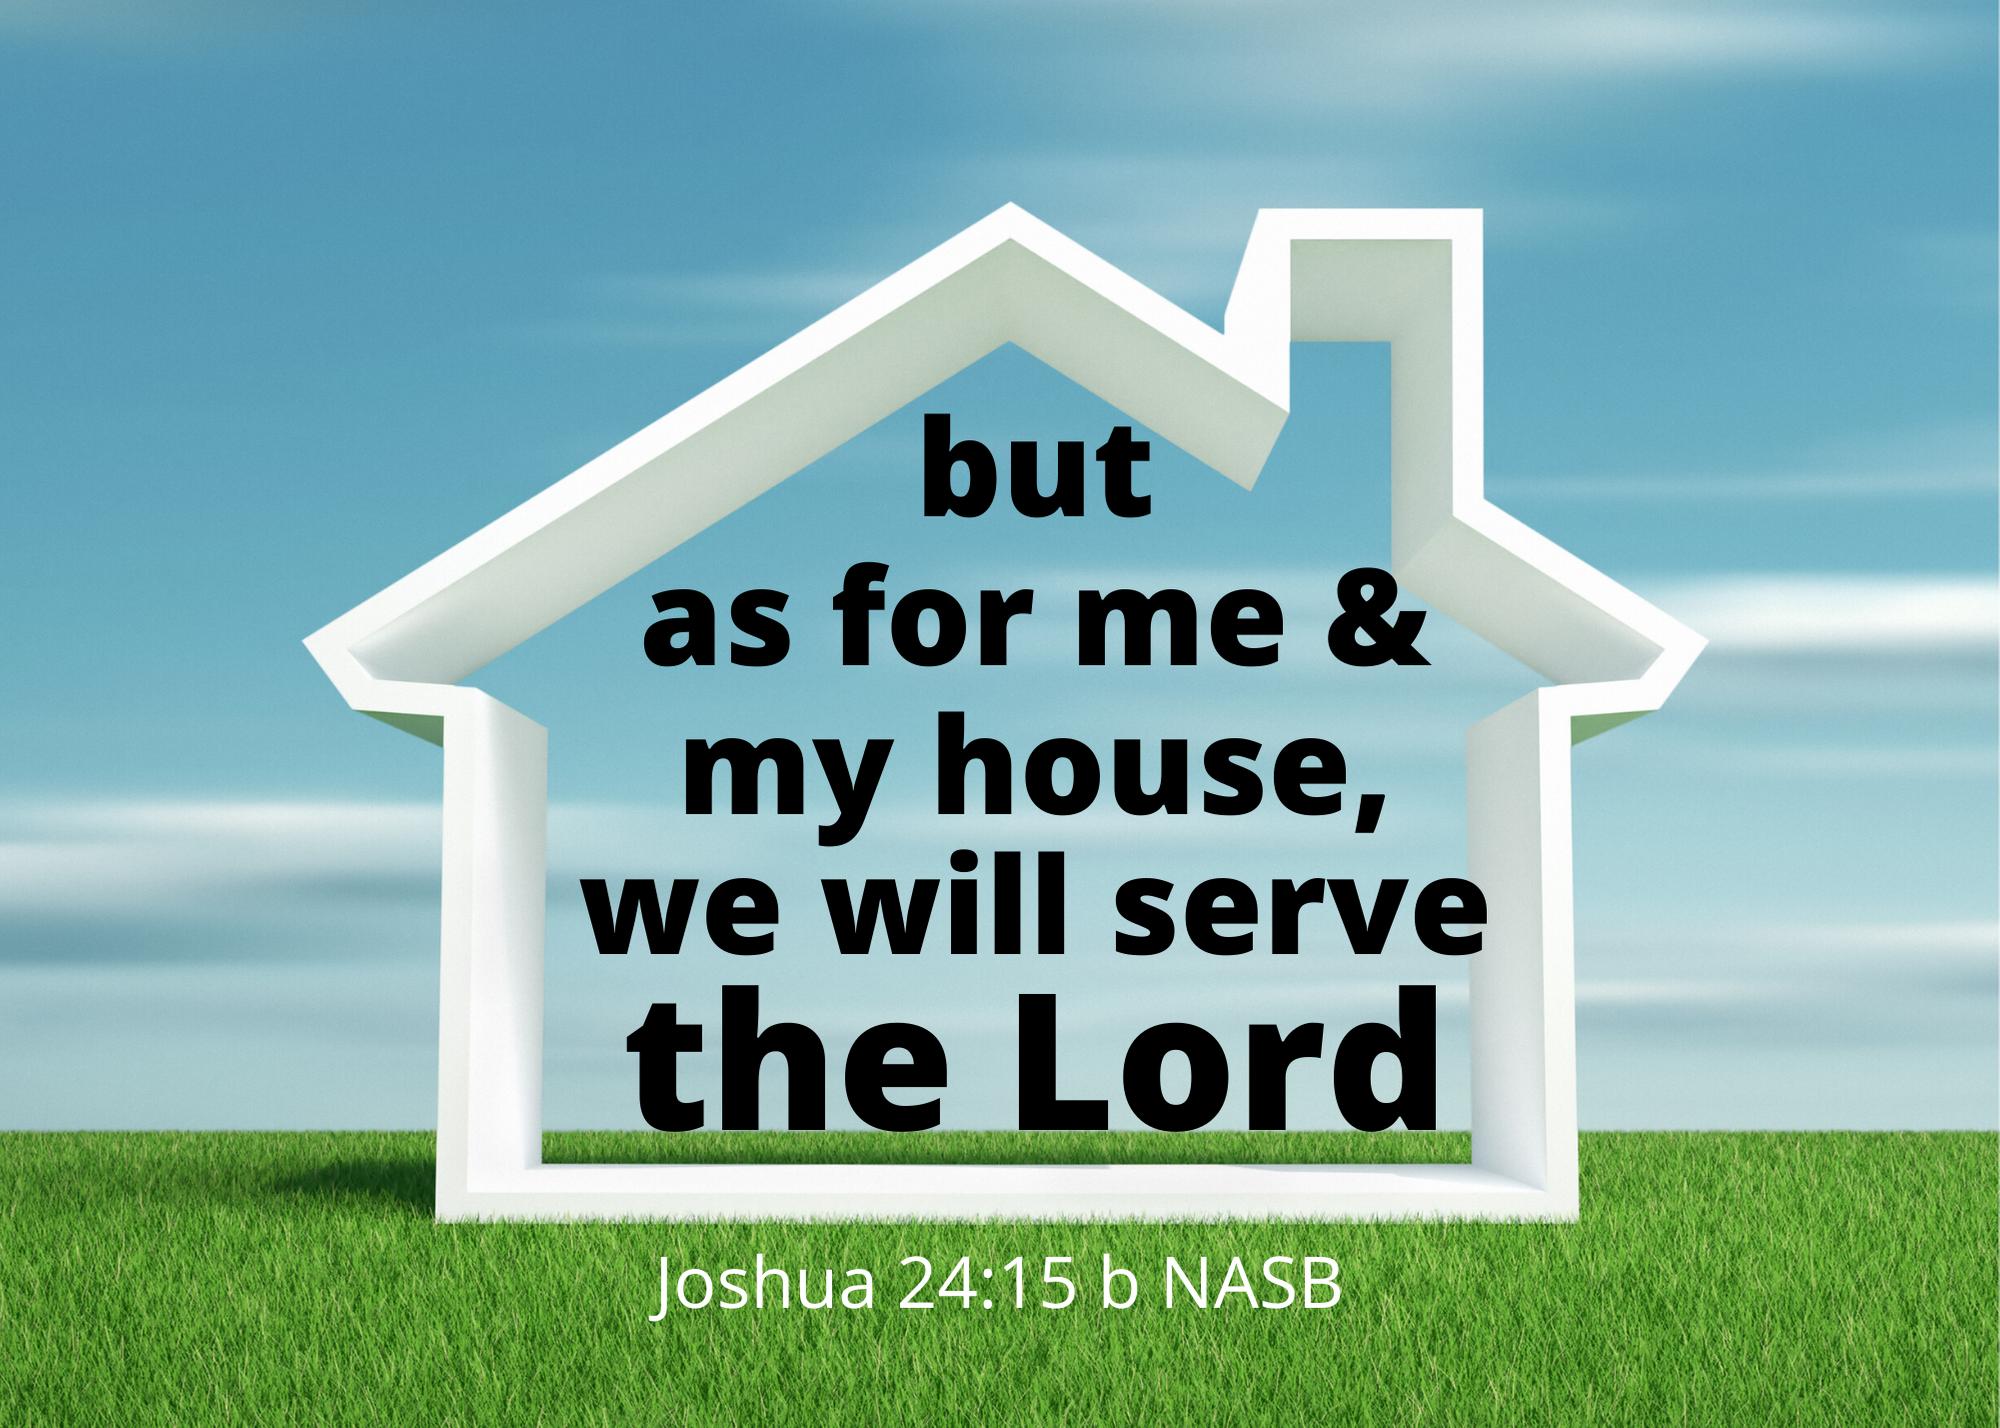 Joshua 24 15 b NASB